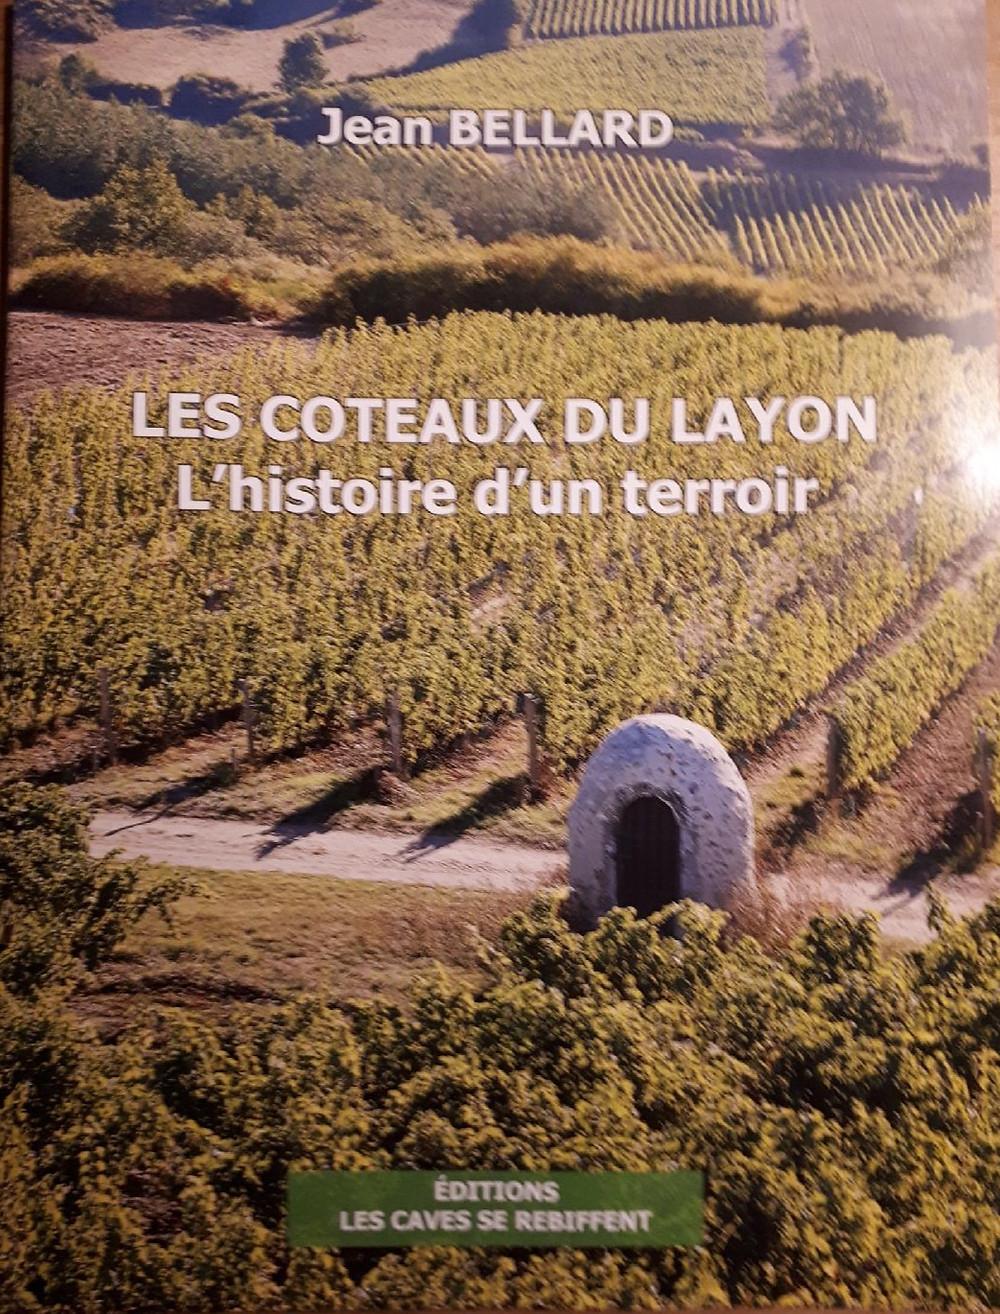 Une très belle histoire, racontée par Jean Bellard avec la contribution de 2 confrères : Christian Asselin et Florian Cesbron.